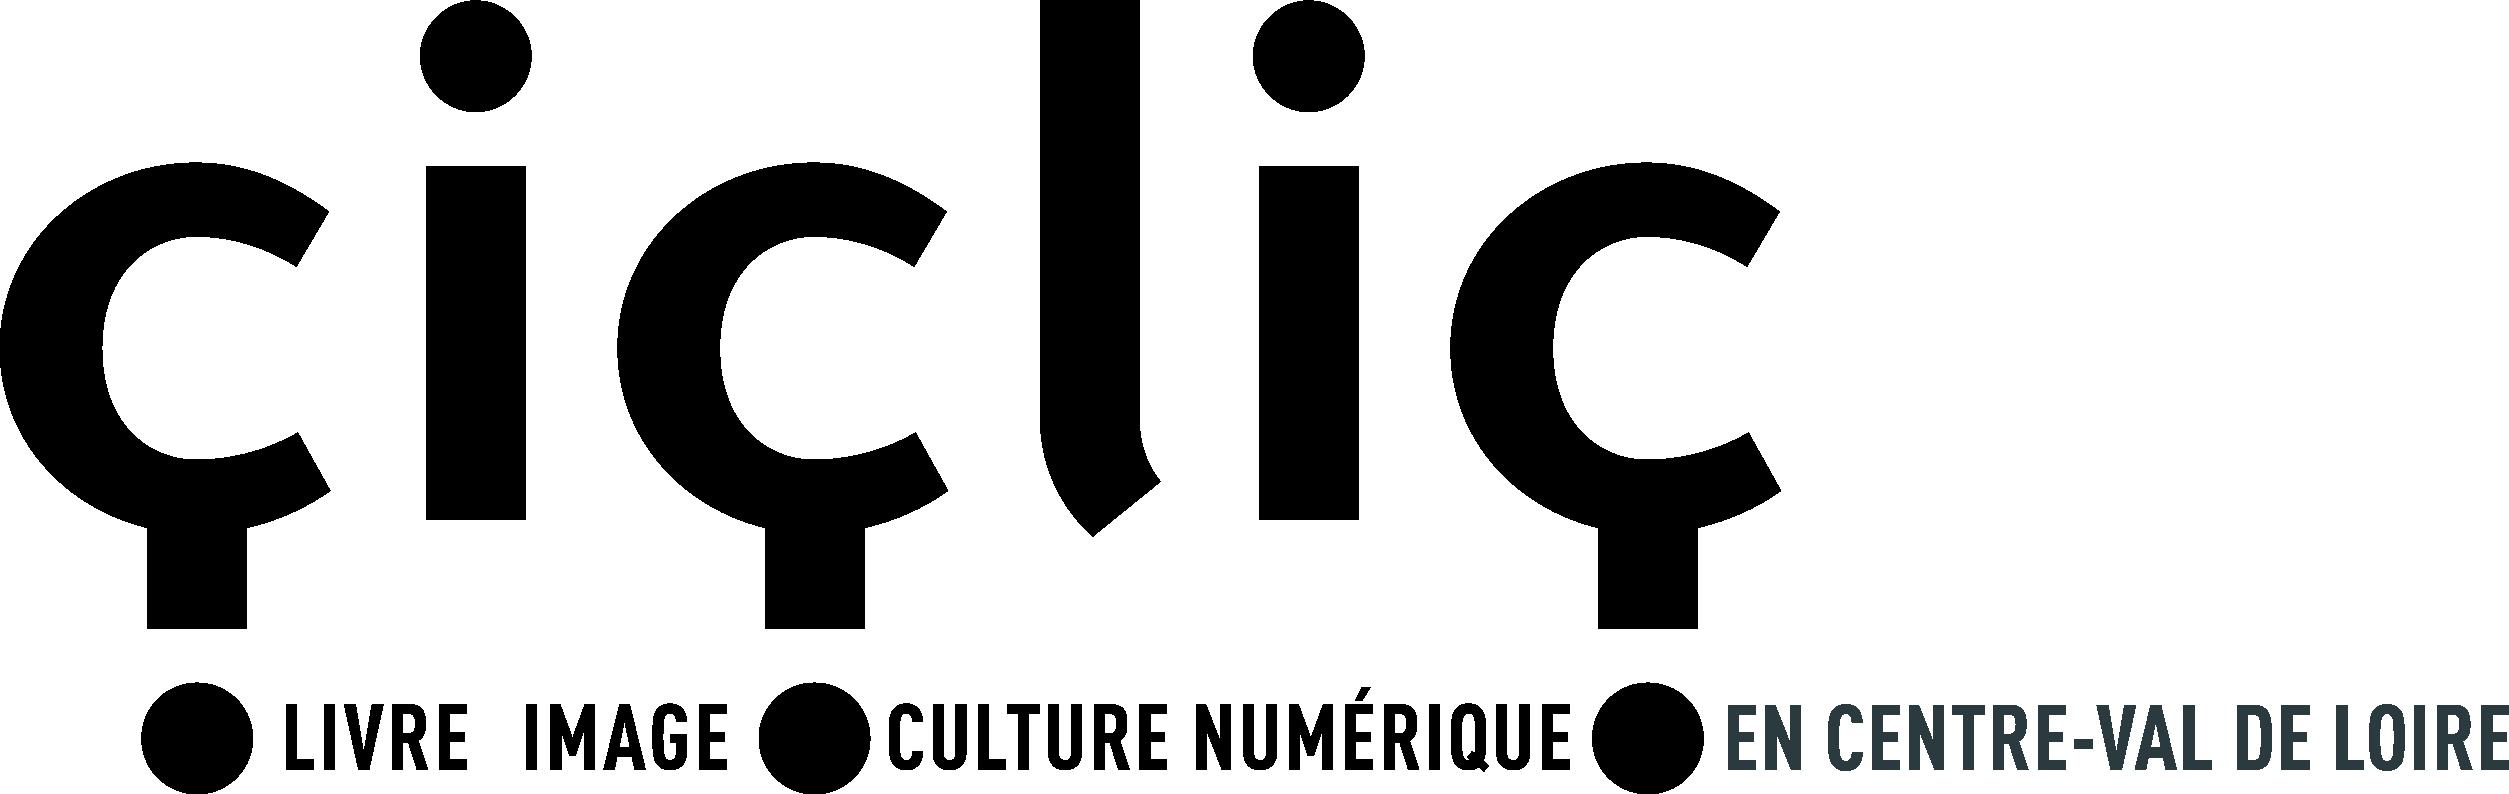 a15f02c1-943f-4e24-b485-69a7dd7c6978.png